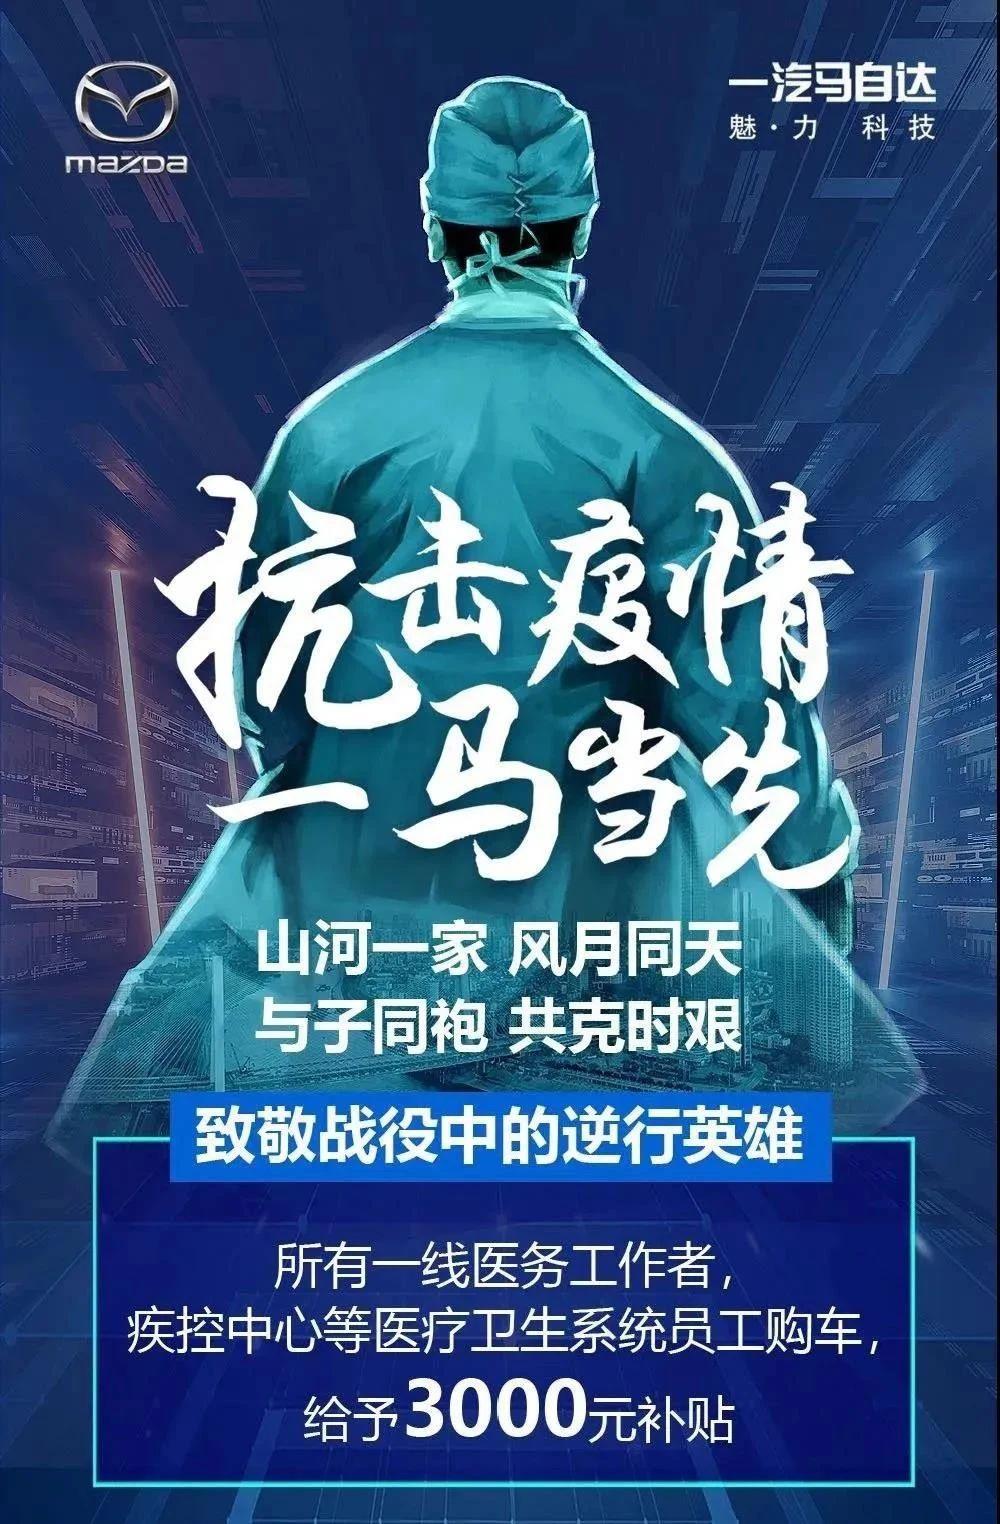 【3月27日】一汽马自达2021年首届马粉购车节 全国联动 盛大来袭